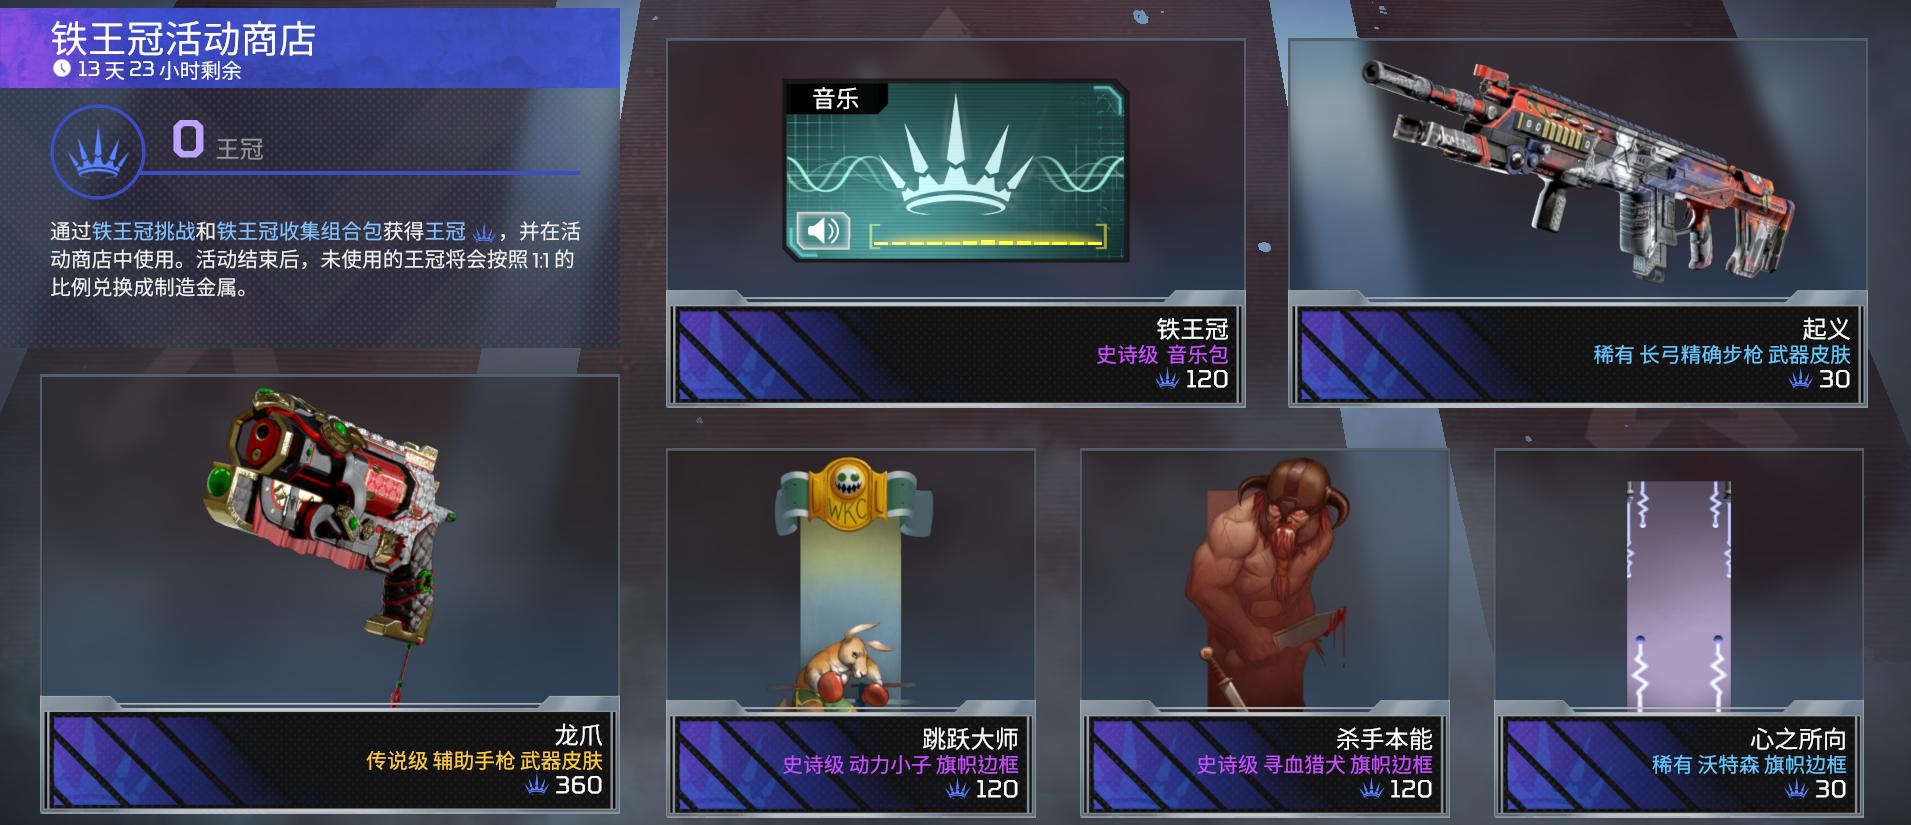 《APEX英雄》8月14更新铁王冠限时活动/更新补丁/错误修正